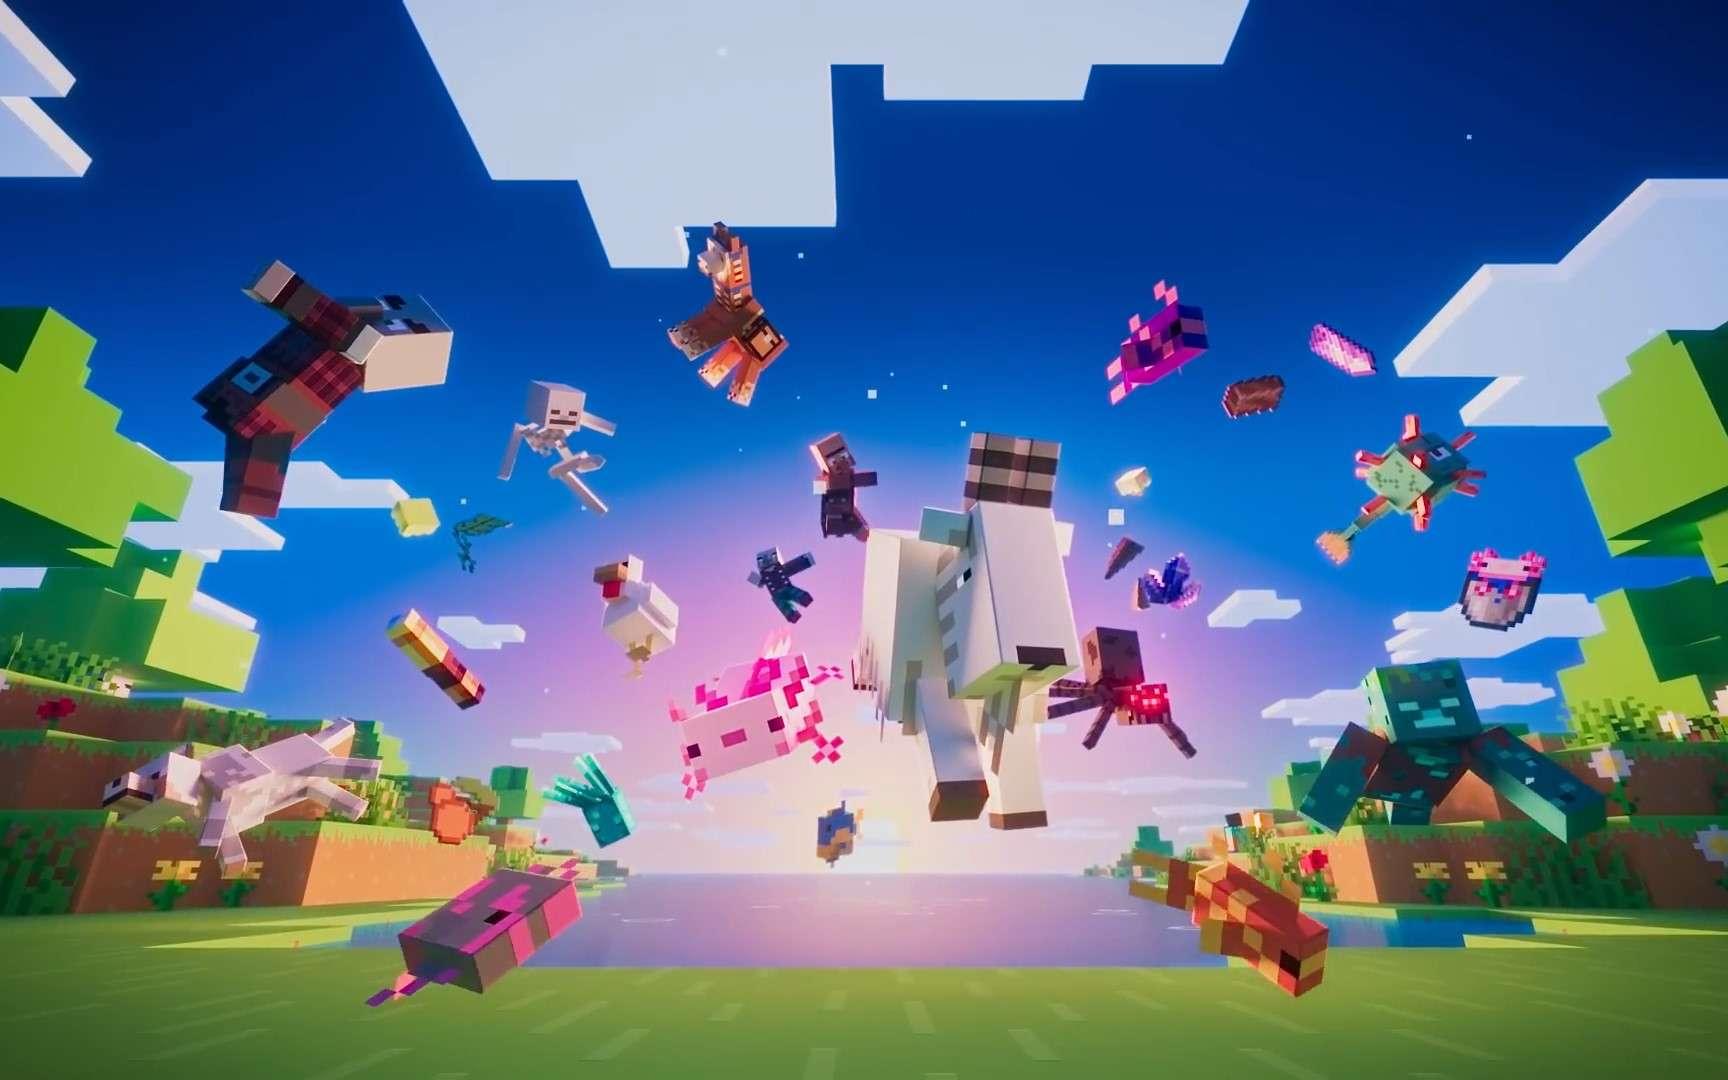 La mise à jour Caves & Cliffs Part Ide Minecraft est disponible. © Microsoft